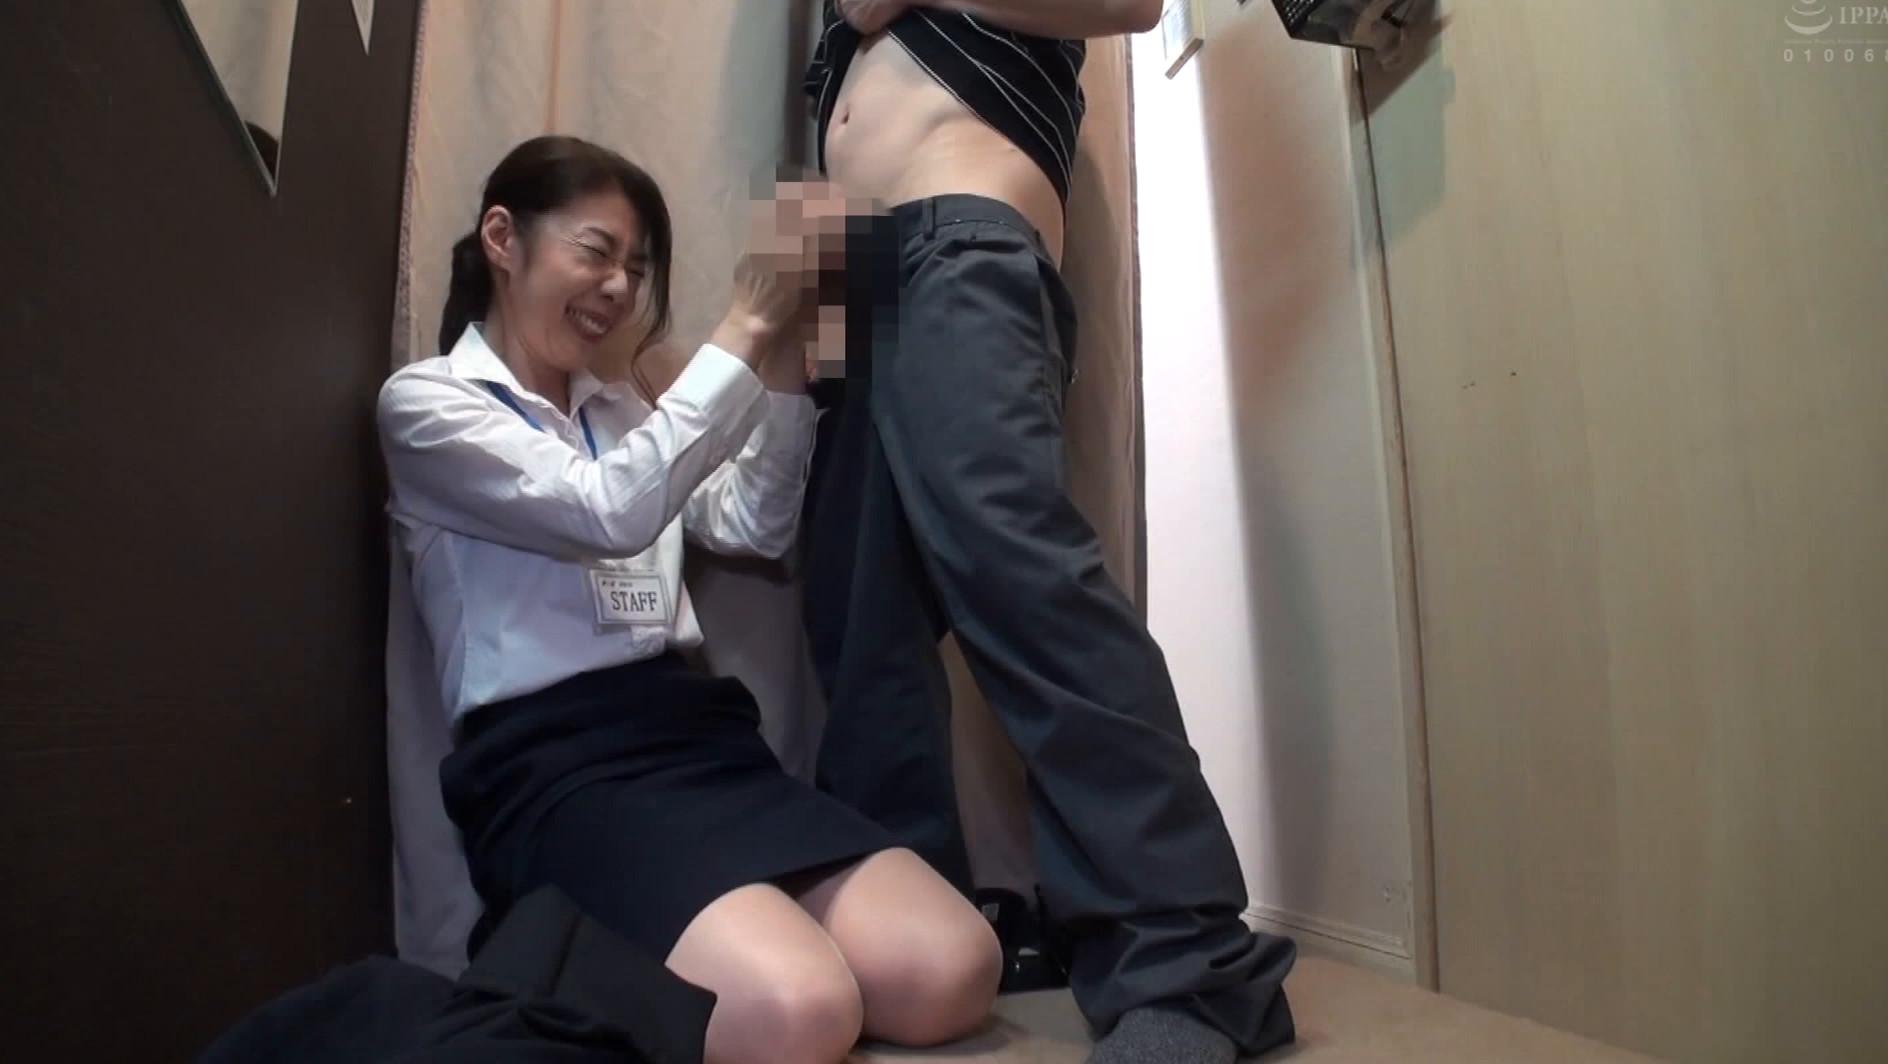 試着室で美熟女店員に勃起チ○ポを露出して裾上げ依頼 4時間